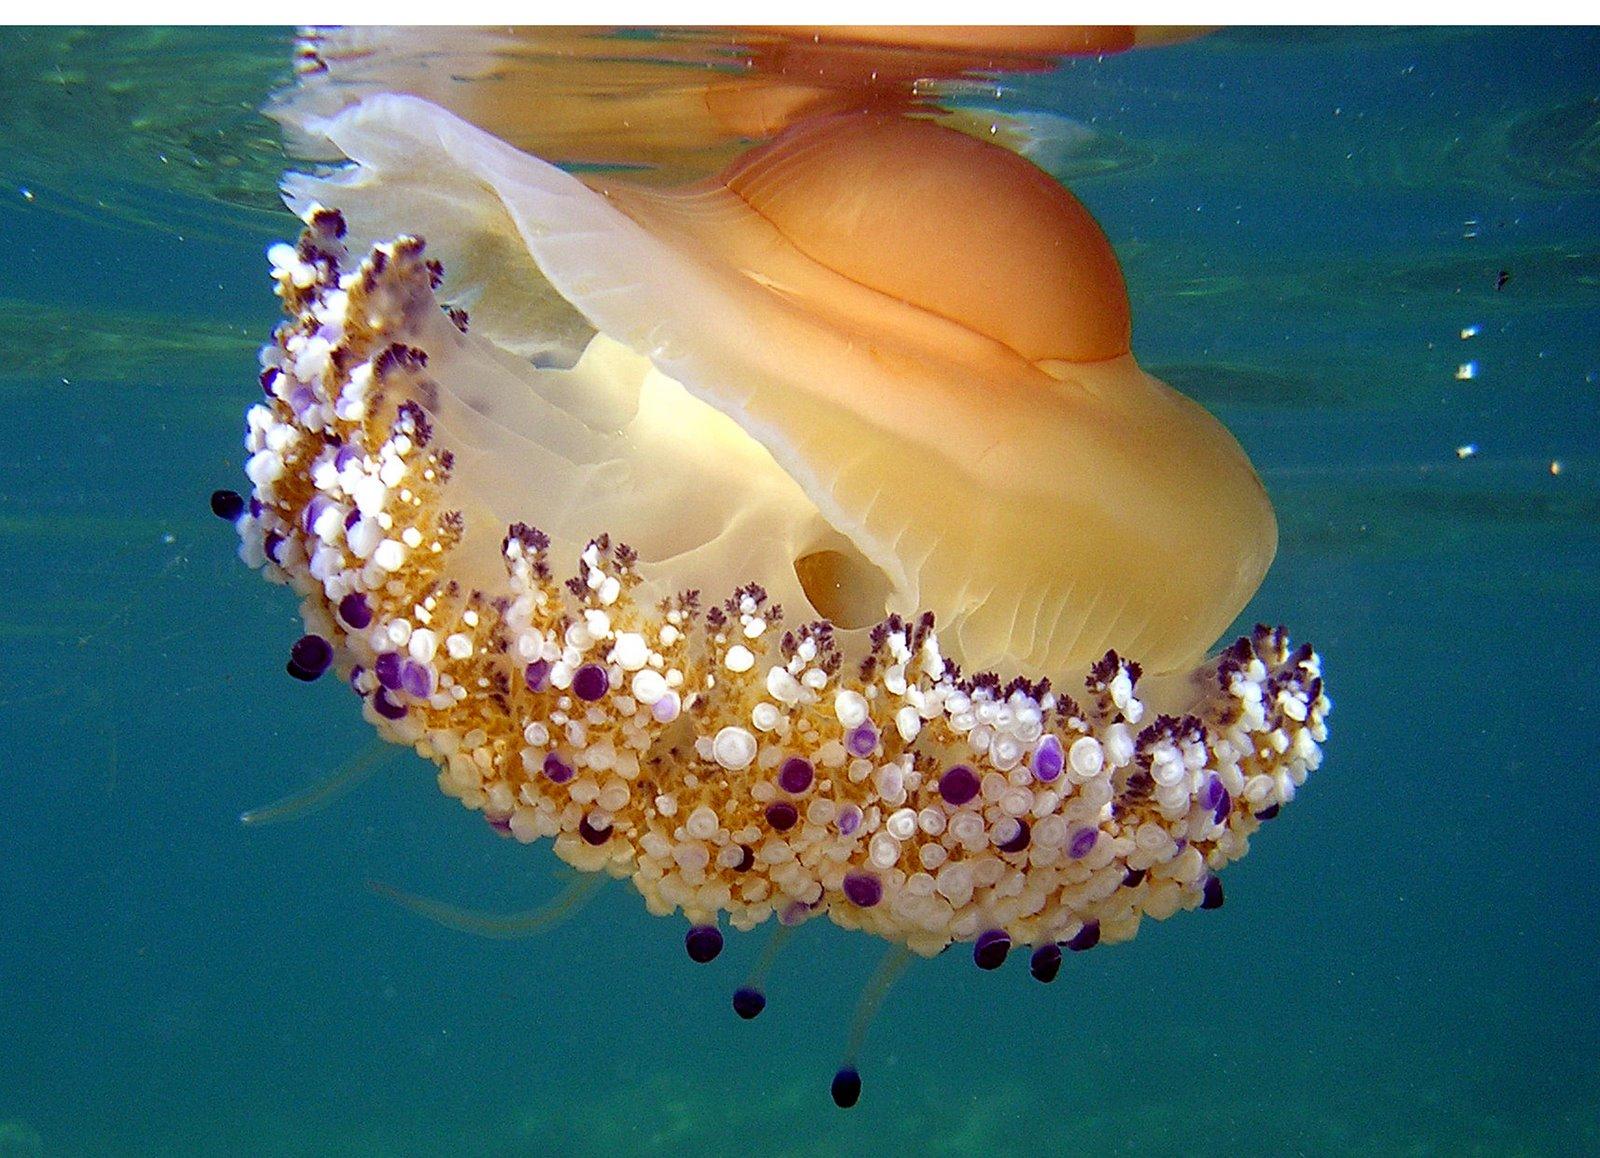 úszott szembe: szemölcsös medúza